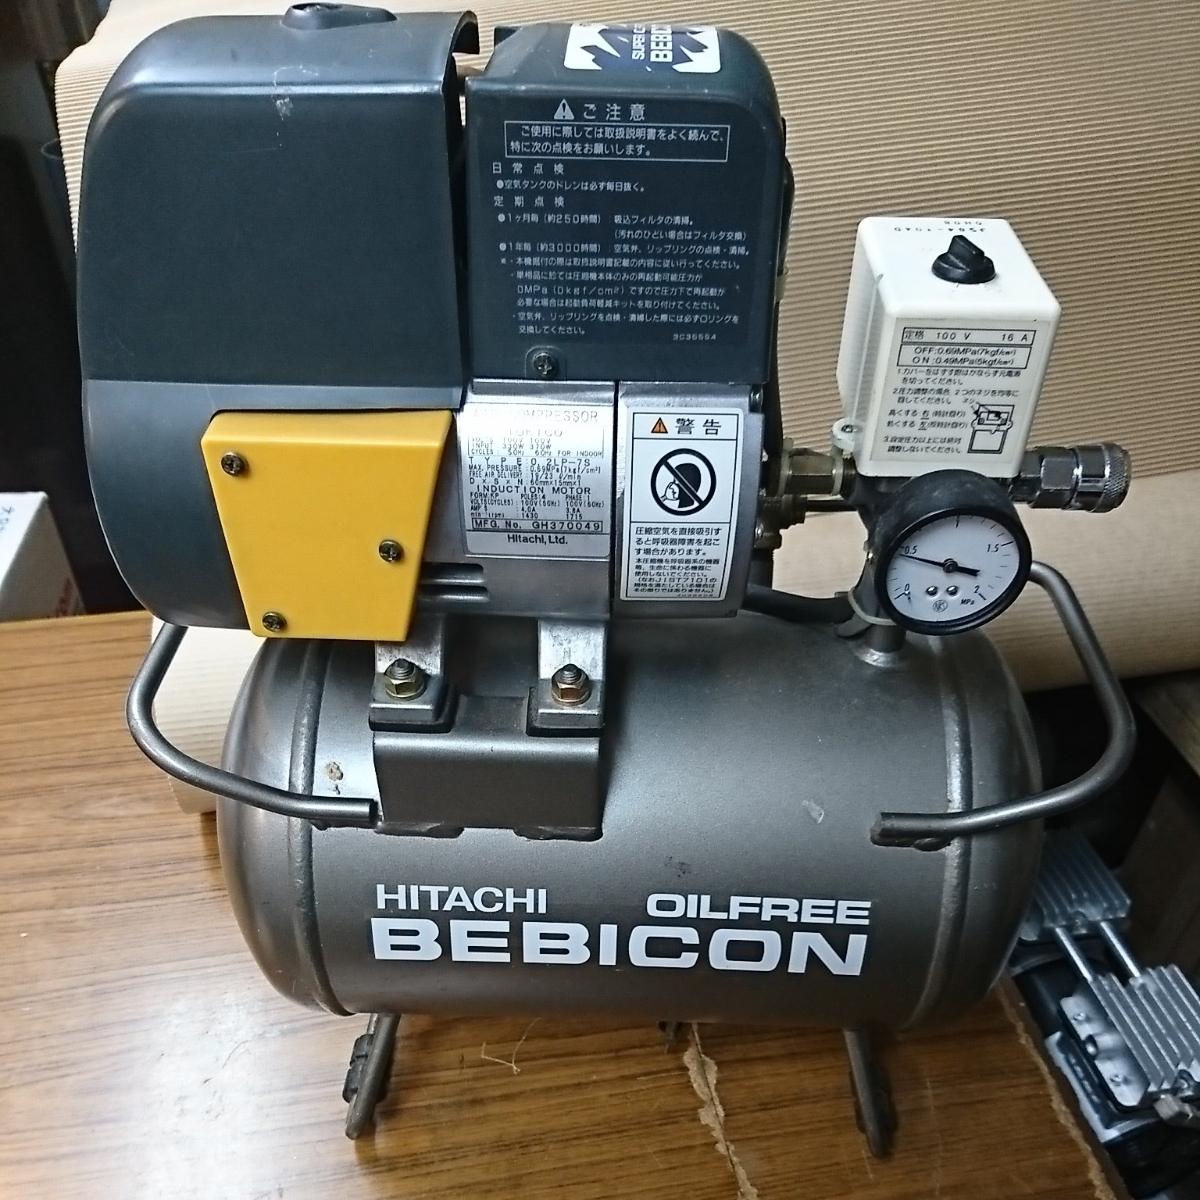 エアコンプレッサー 日立 ベビコン オイルフリー HITACHI BEBICON 0.2LP-7S OILFREE